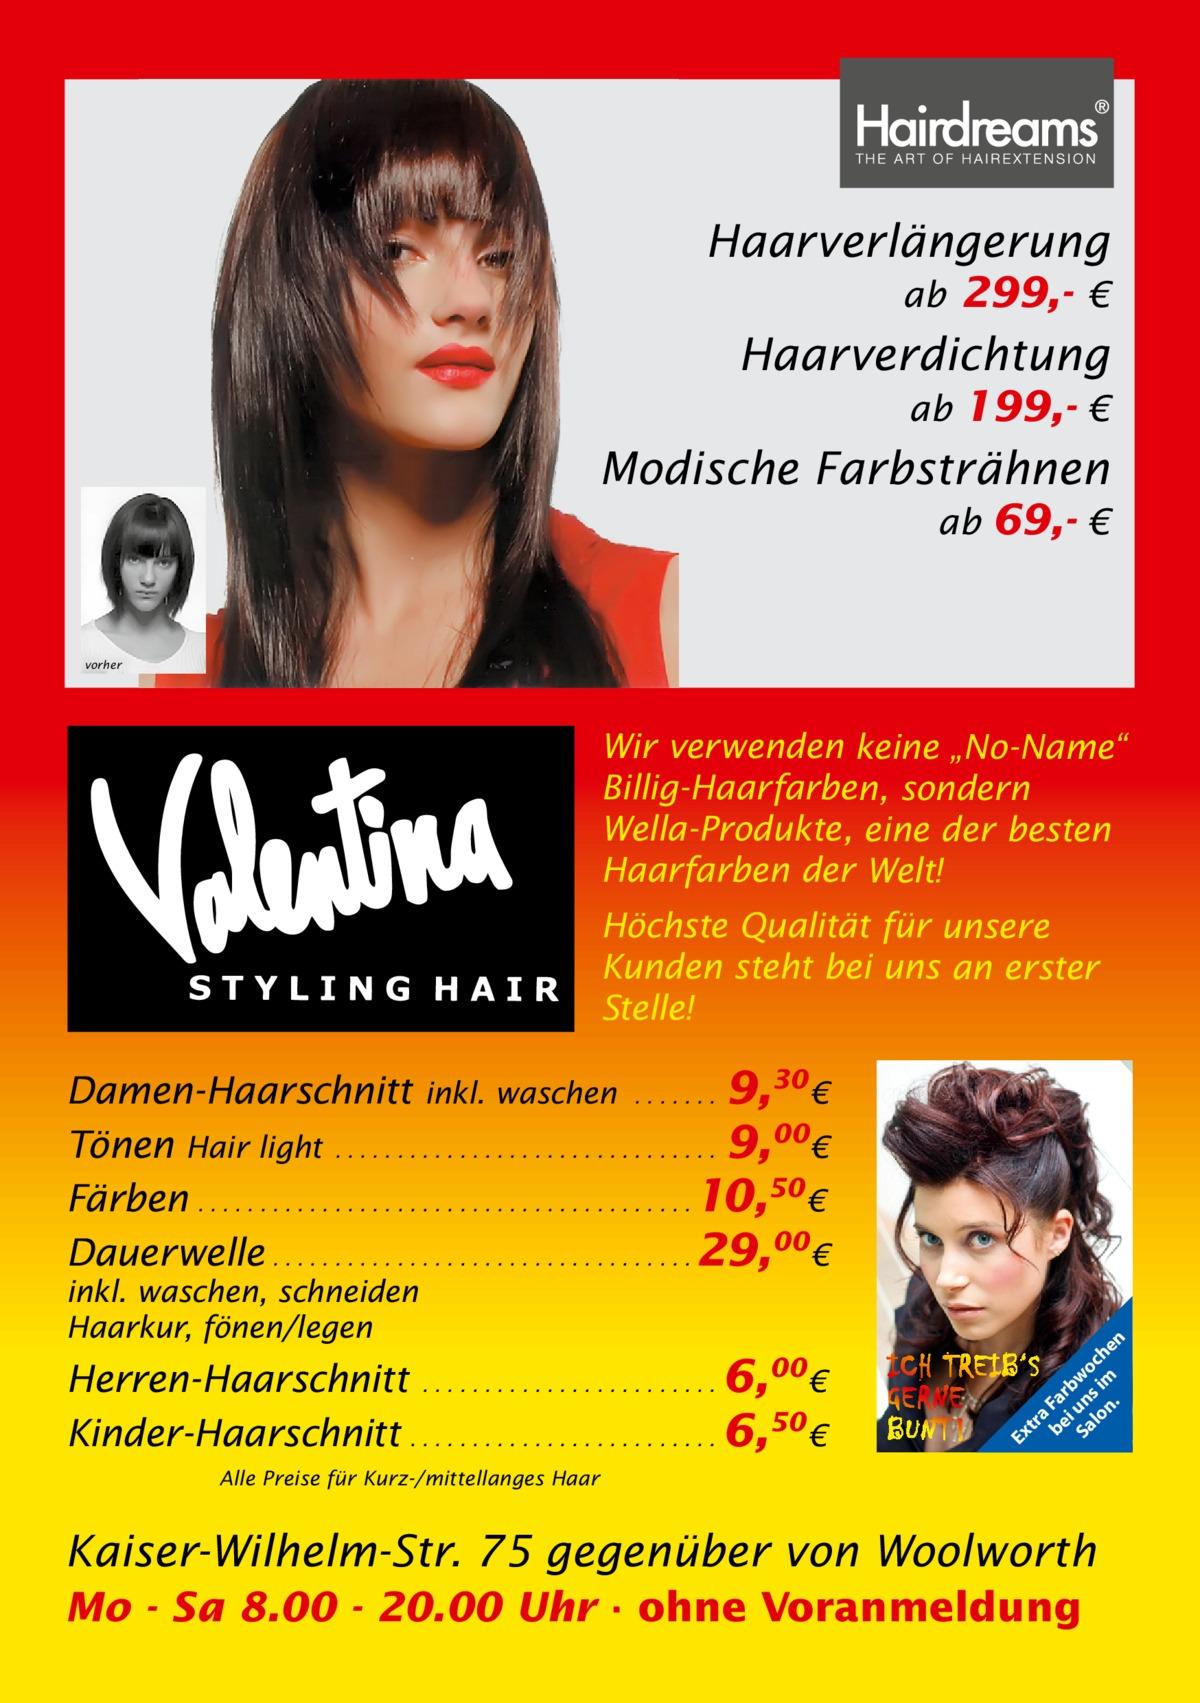 """Haarverlängerung ab 299,- €  Haarverdichtung ab 199,- €  Modische Farbsträhnen ab 69,- €  vorher  Wir verwenden keine """"No-Name"""" Billig-Haarfarben, sondern Wella-Produkte, eine der besten Haarfarben der Welt! Höchste Qualität für unsere Kunden steht bei uns an erster Stelle!  Herren-Haarschnitt . . . . . . . . . . . . . . . . . . . . . . . . 6,00€ Kinder-Haarschnitt . . . . . . . . . . . . . . . . . . . . . . . . . 6,50 €  Ex  inkl. waschen, schneiden Haarkur, fönen/legen  tr a be Fa i rb Sa un wo lo s im ch n. en  Damen-Haarschnitt inkl. waschen . . . . . . . 9,30 € Tönen Hair light . . . . . . . . . . . . . . . . . . . . . . . . . . . . . . . 9,00€ Färben . . . . . . . . . . . . . . . . . . . . . . . . . . . . . . . . . . . . . . . . 10,50 € Dauerwelle . . . . . . . . . . . . . . . . . . . . . . . . . . . . . . . . . . 29,00€  Alle Preise für Kurz-/mittellanges Haar  Kaiser-Wilhelm-Str. 75 gegenüber von Woolworth Mo - Sa 8.00 - 20.00 Uhr · ohne Voranmeldung"""